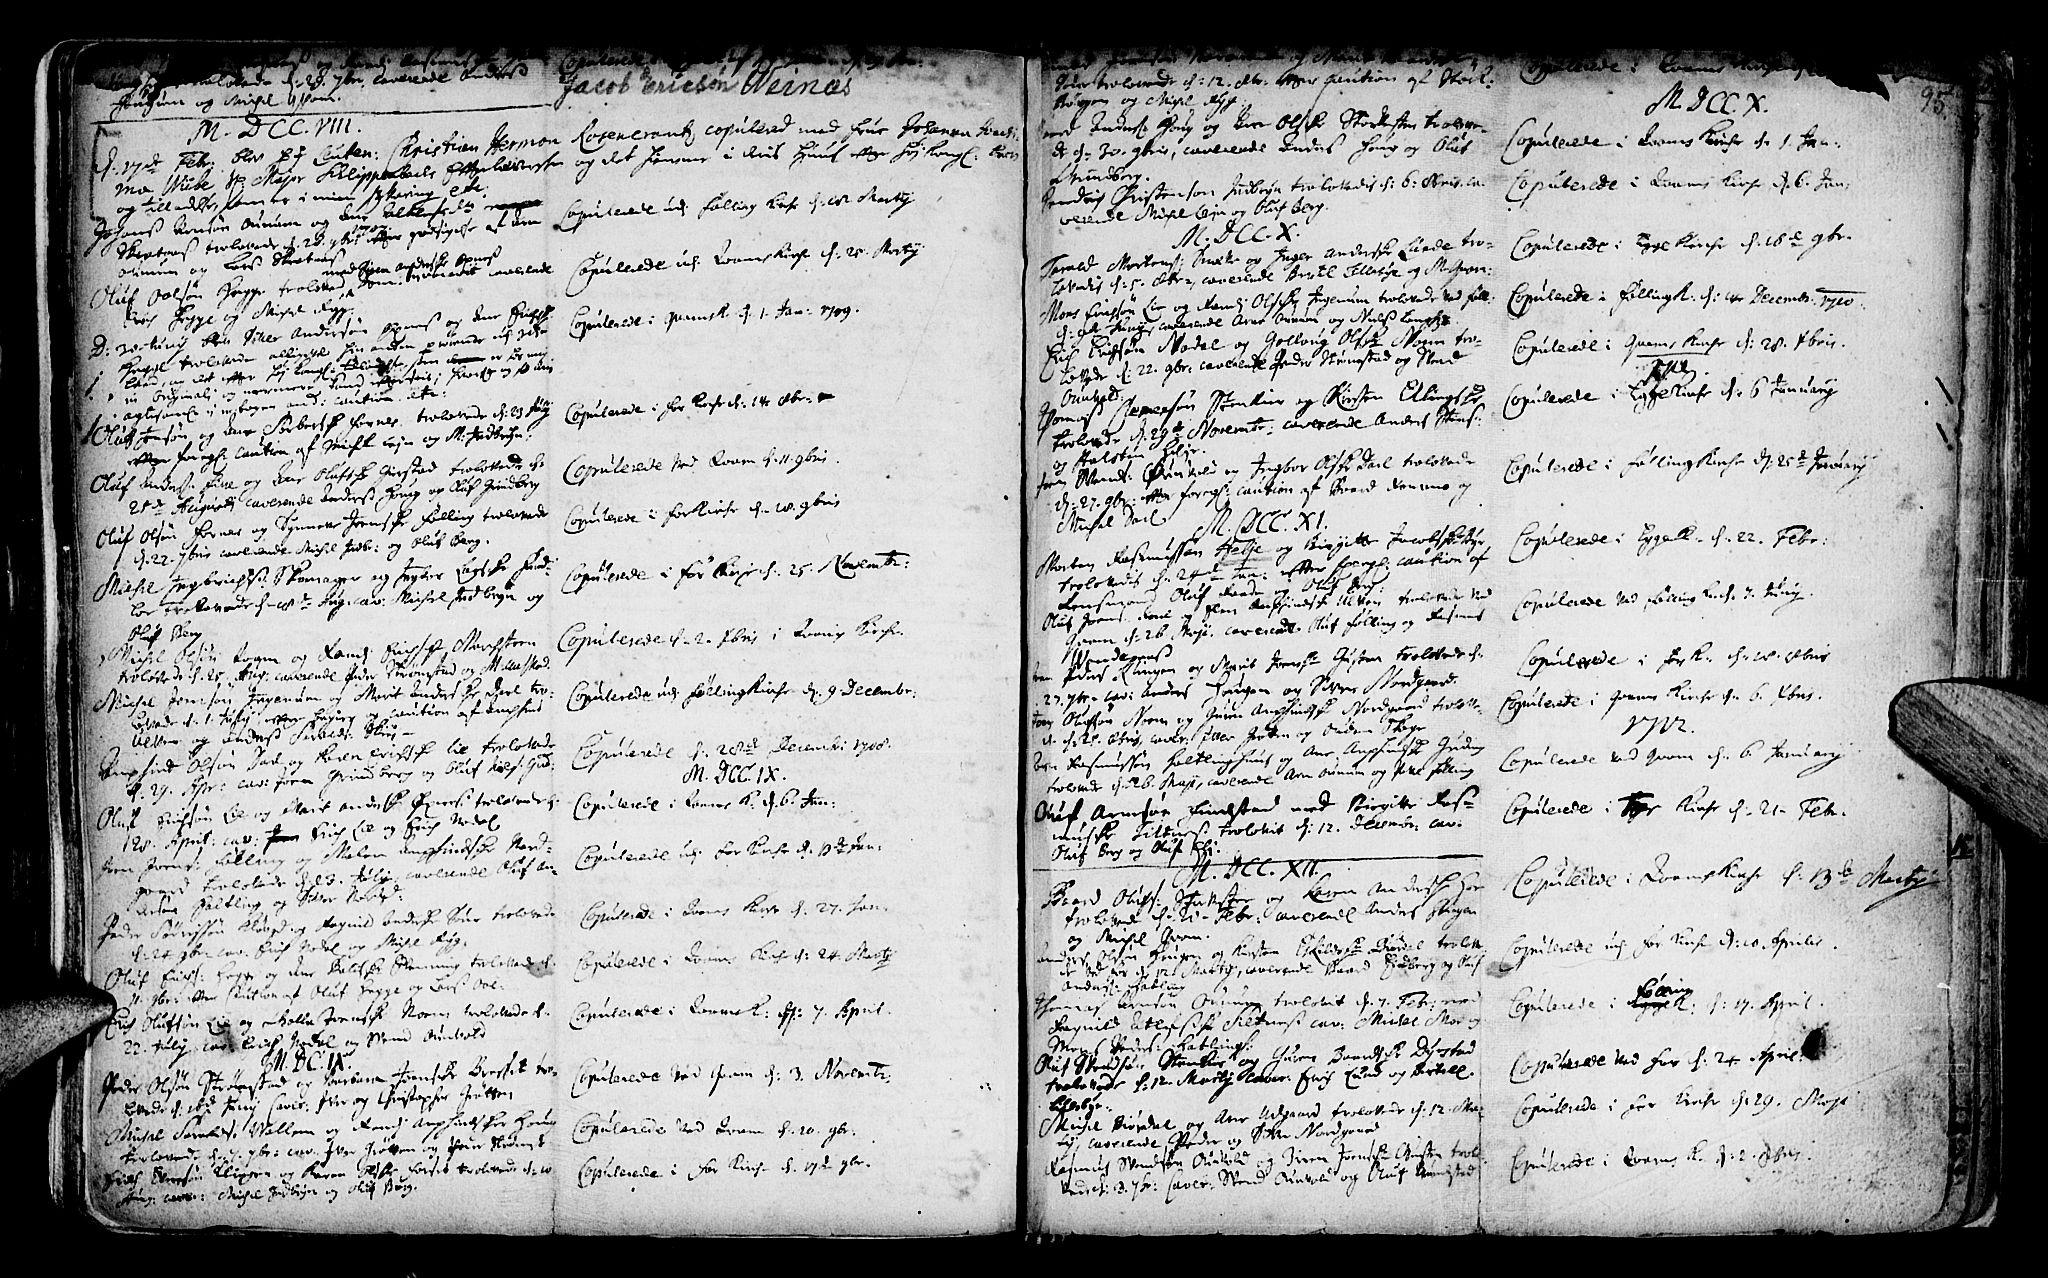 SAT, Ministerialprotokoller, klokkerbøker og fødselsregistre - Nord-Trøndelag, 746/L0439: Ministerialbok nr. 746A01, 1688-1759, s. 95